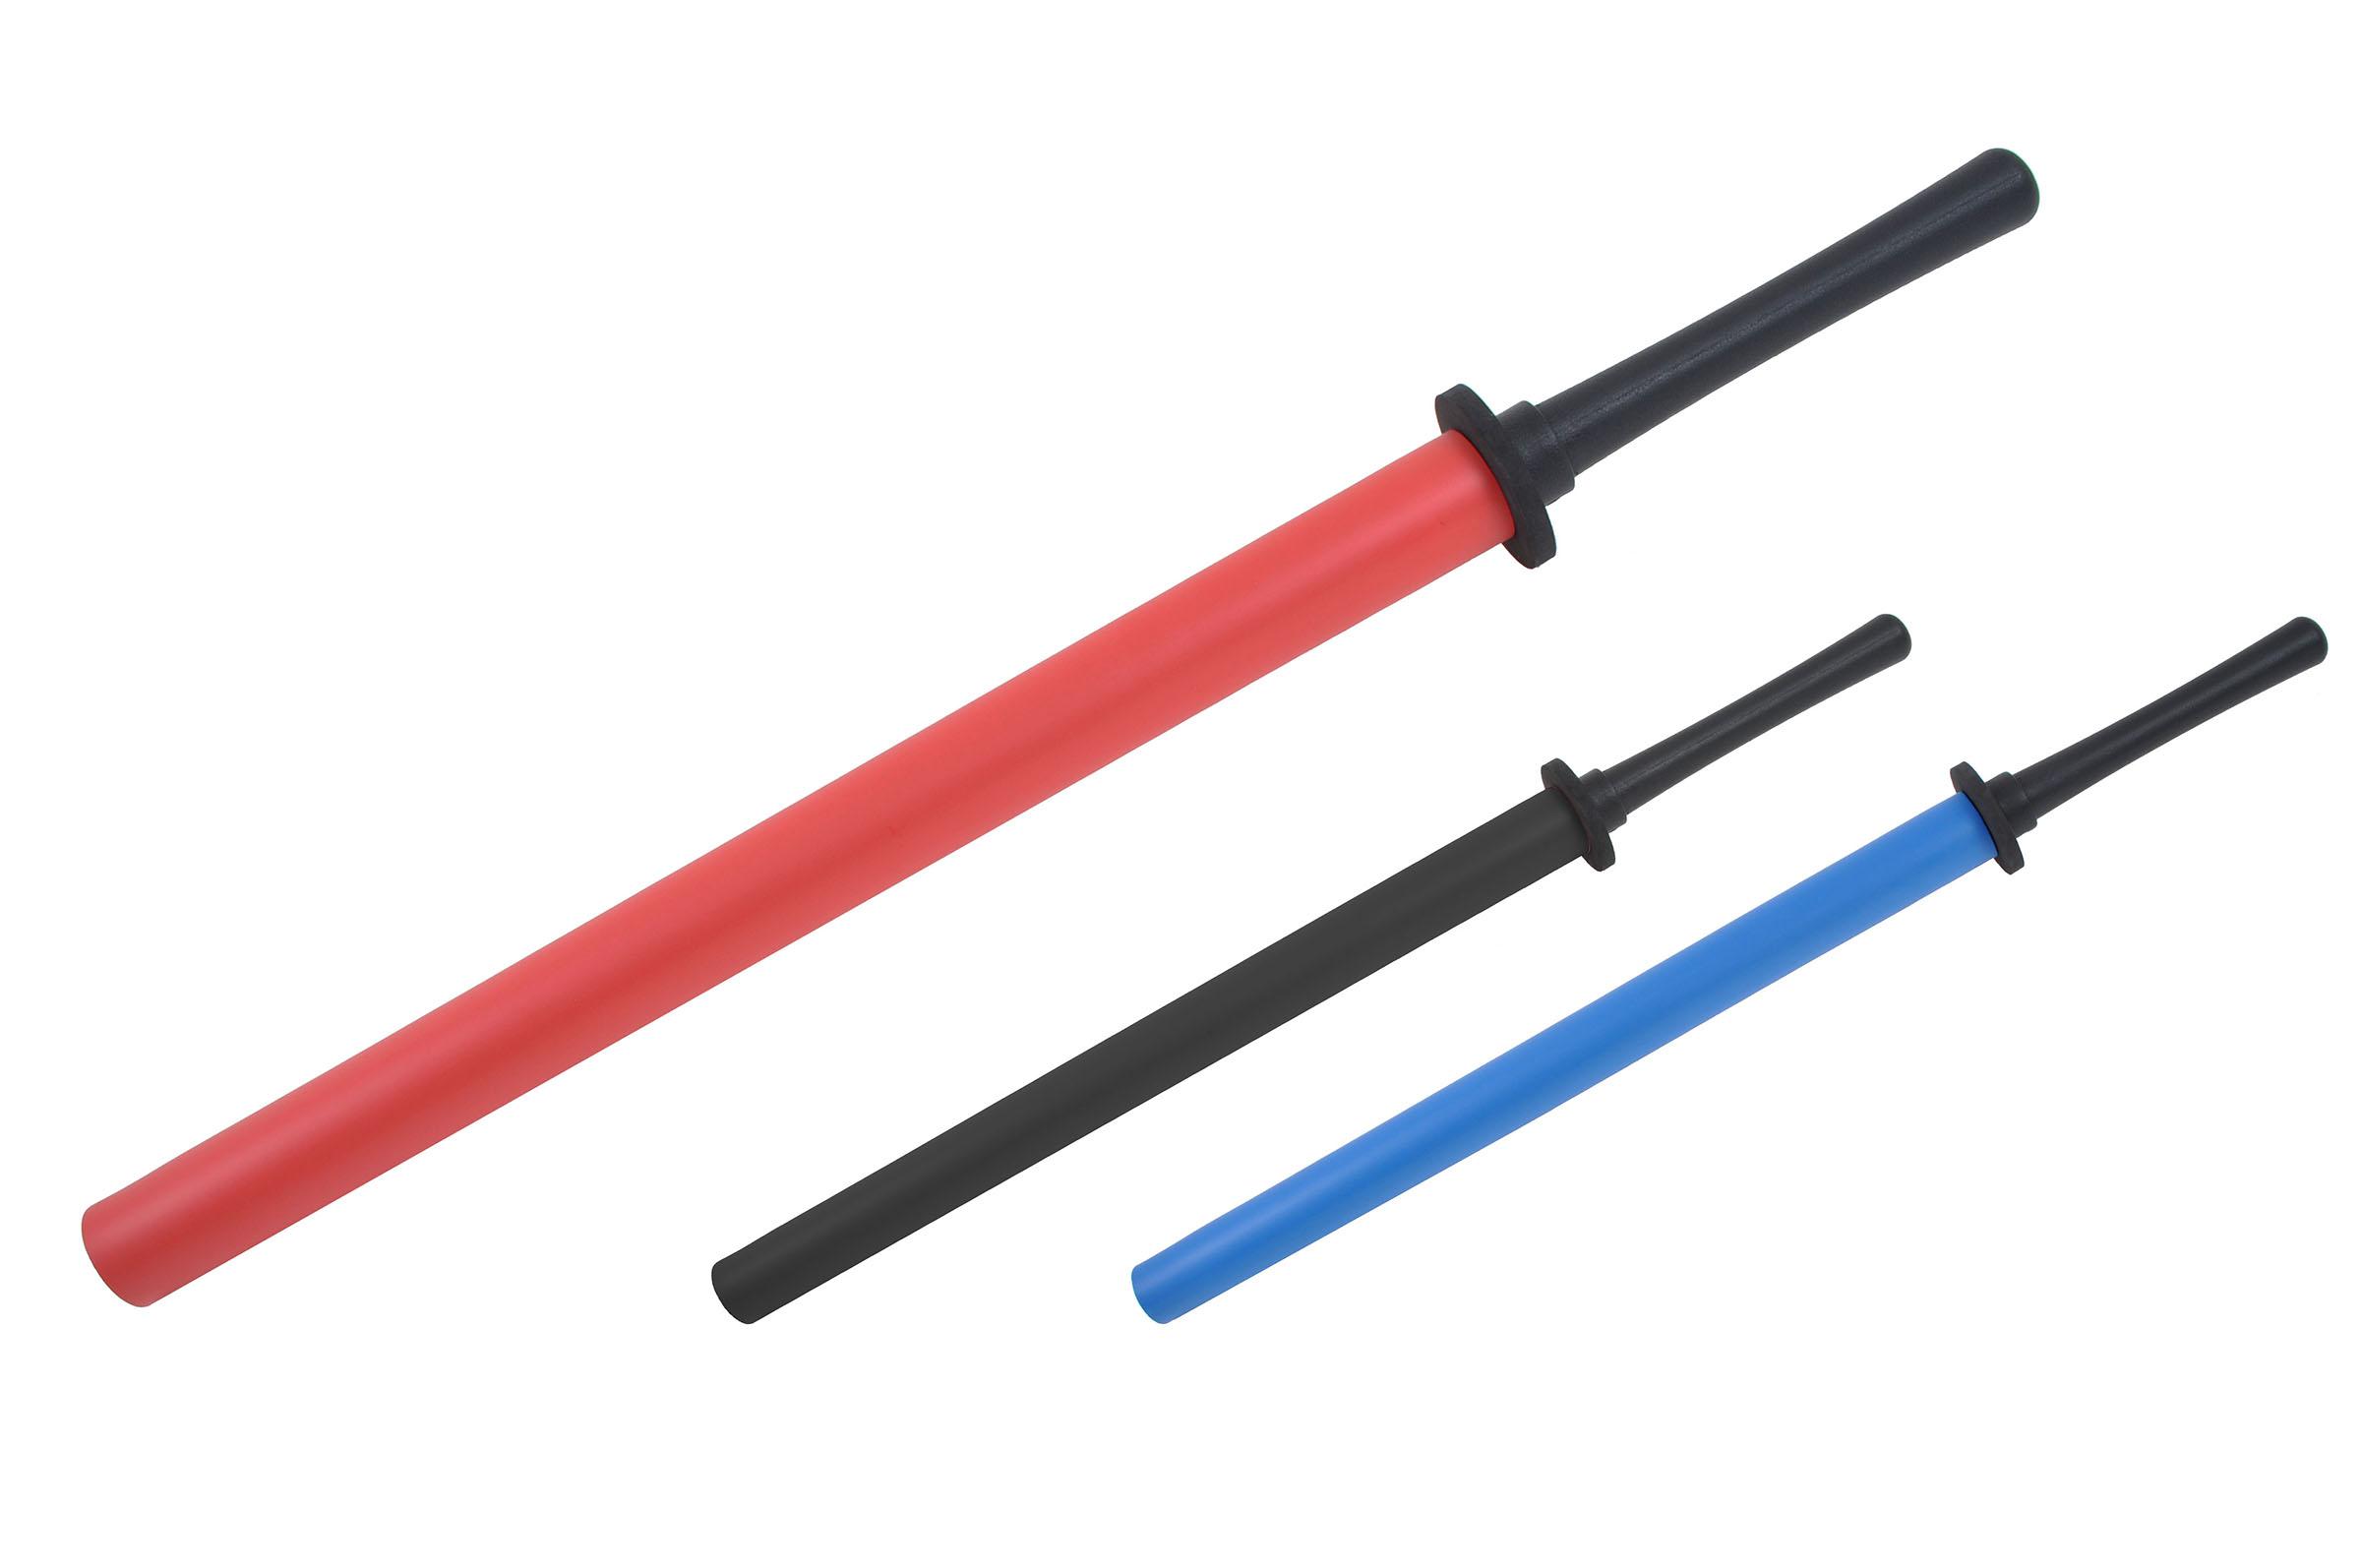 Duanbing Straightsword, Foam sword